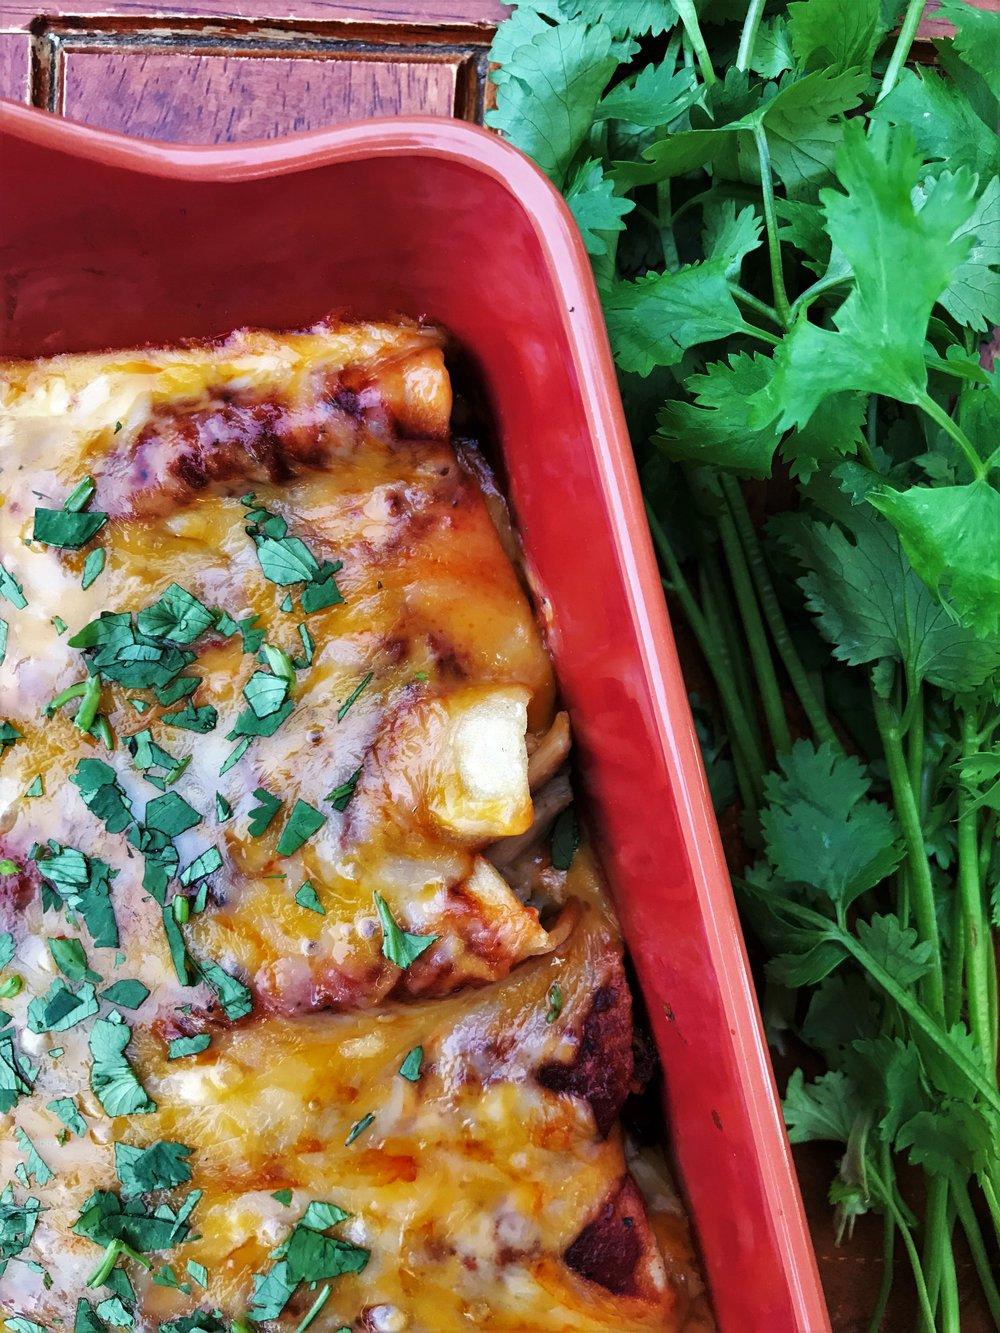 Red Chicken Enchiladas, made in the Adventure Kitchen